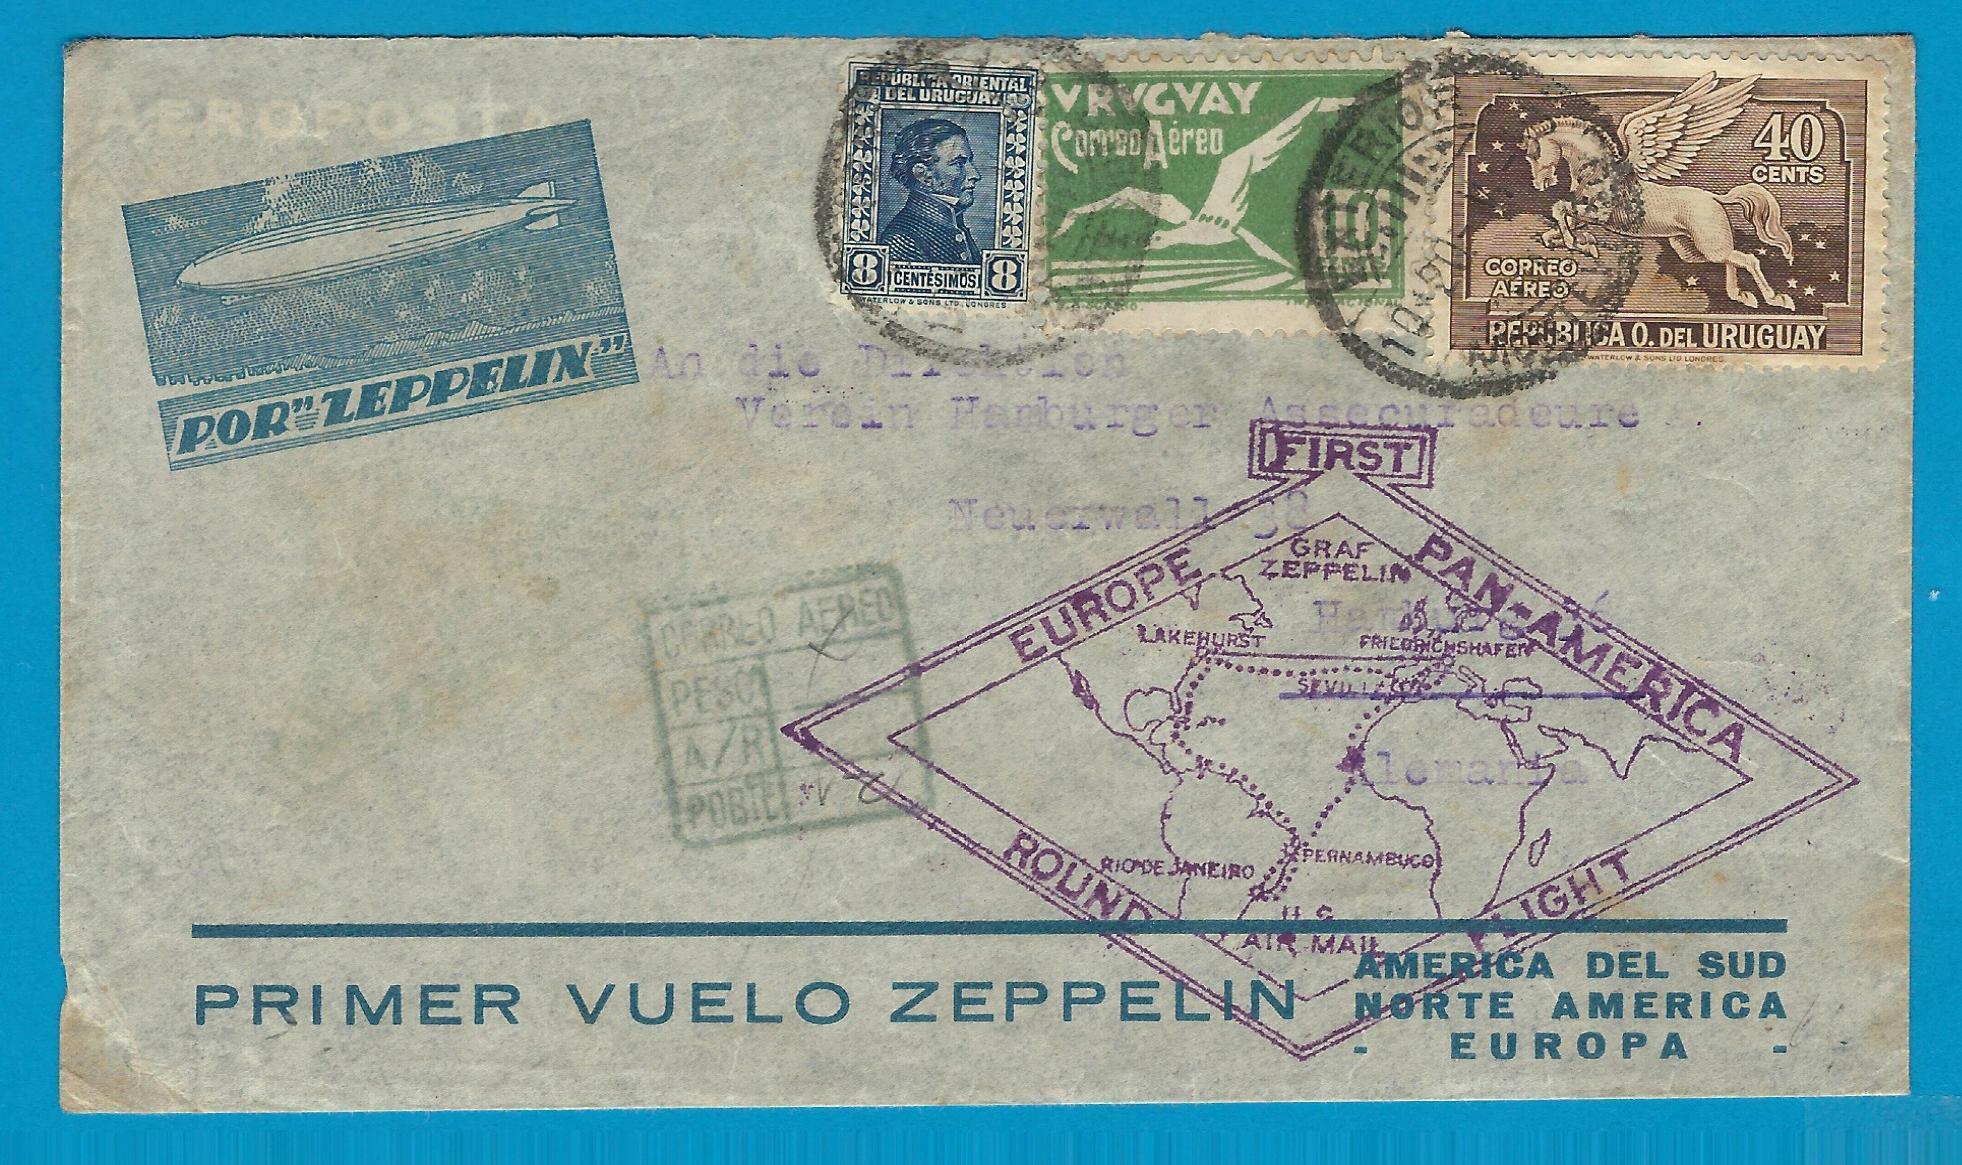 URUGUAY zeppelin cover 1930 Montevideo to Germany URU035